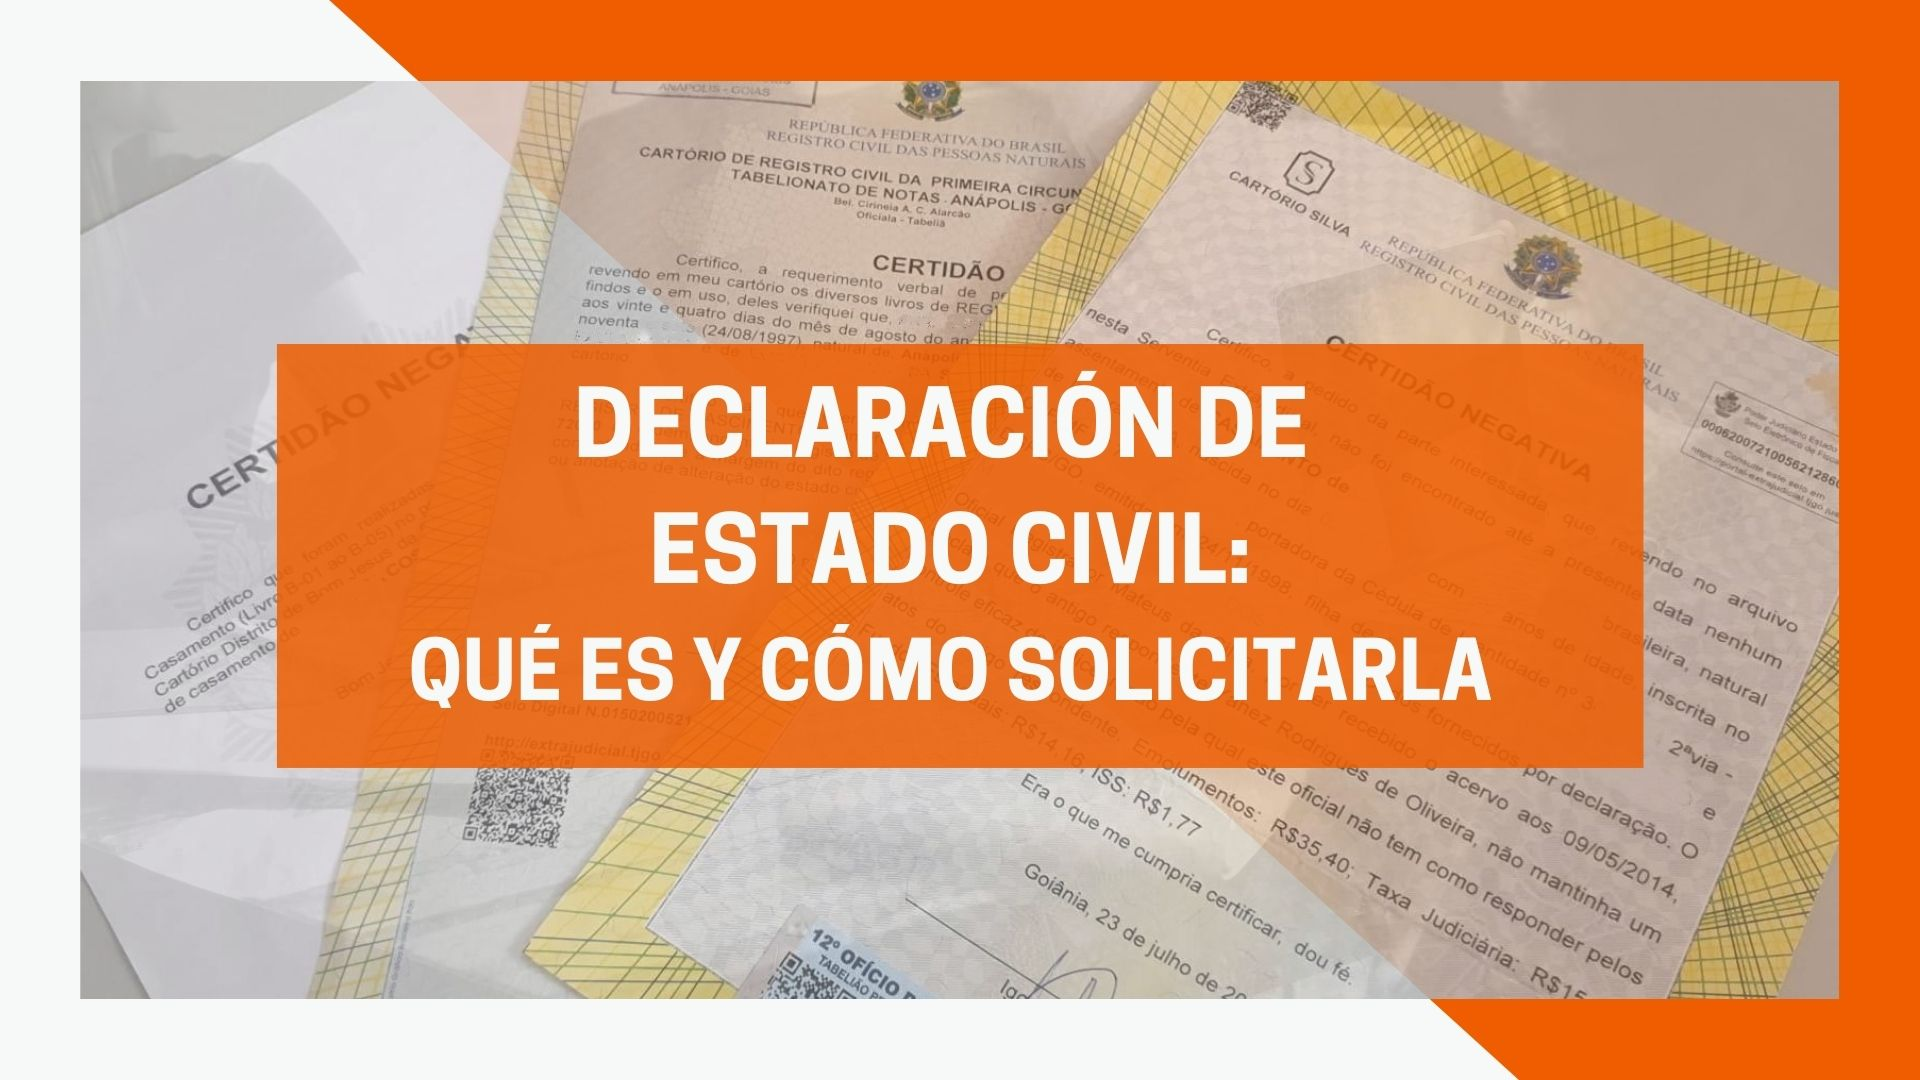 Declaración de Estado Civil: qué es y cómo obtener este documento.